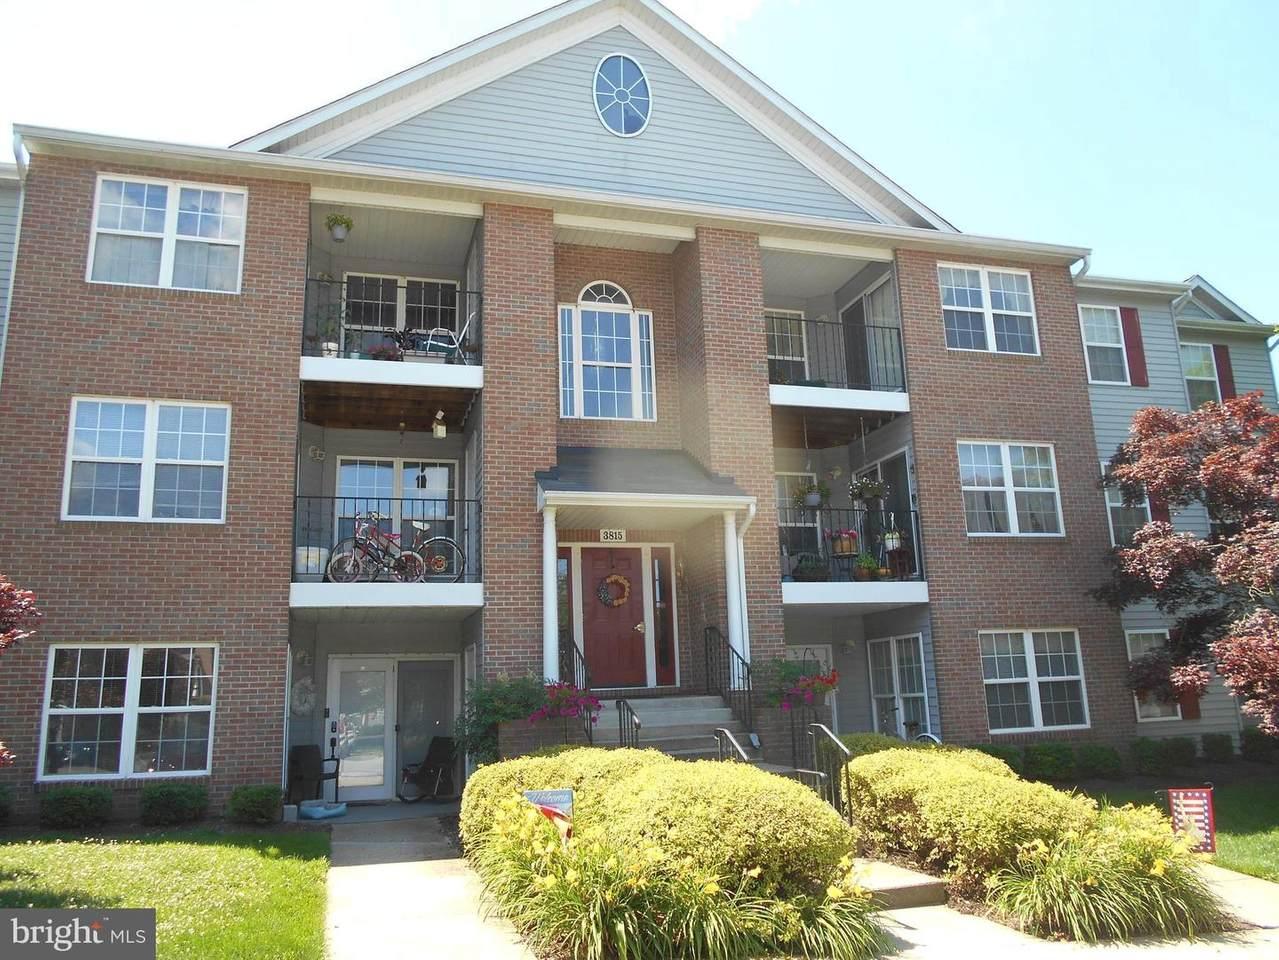 3815 Sunnyfield Court - Photo 1